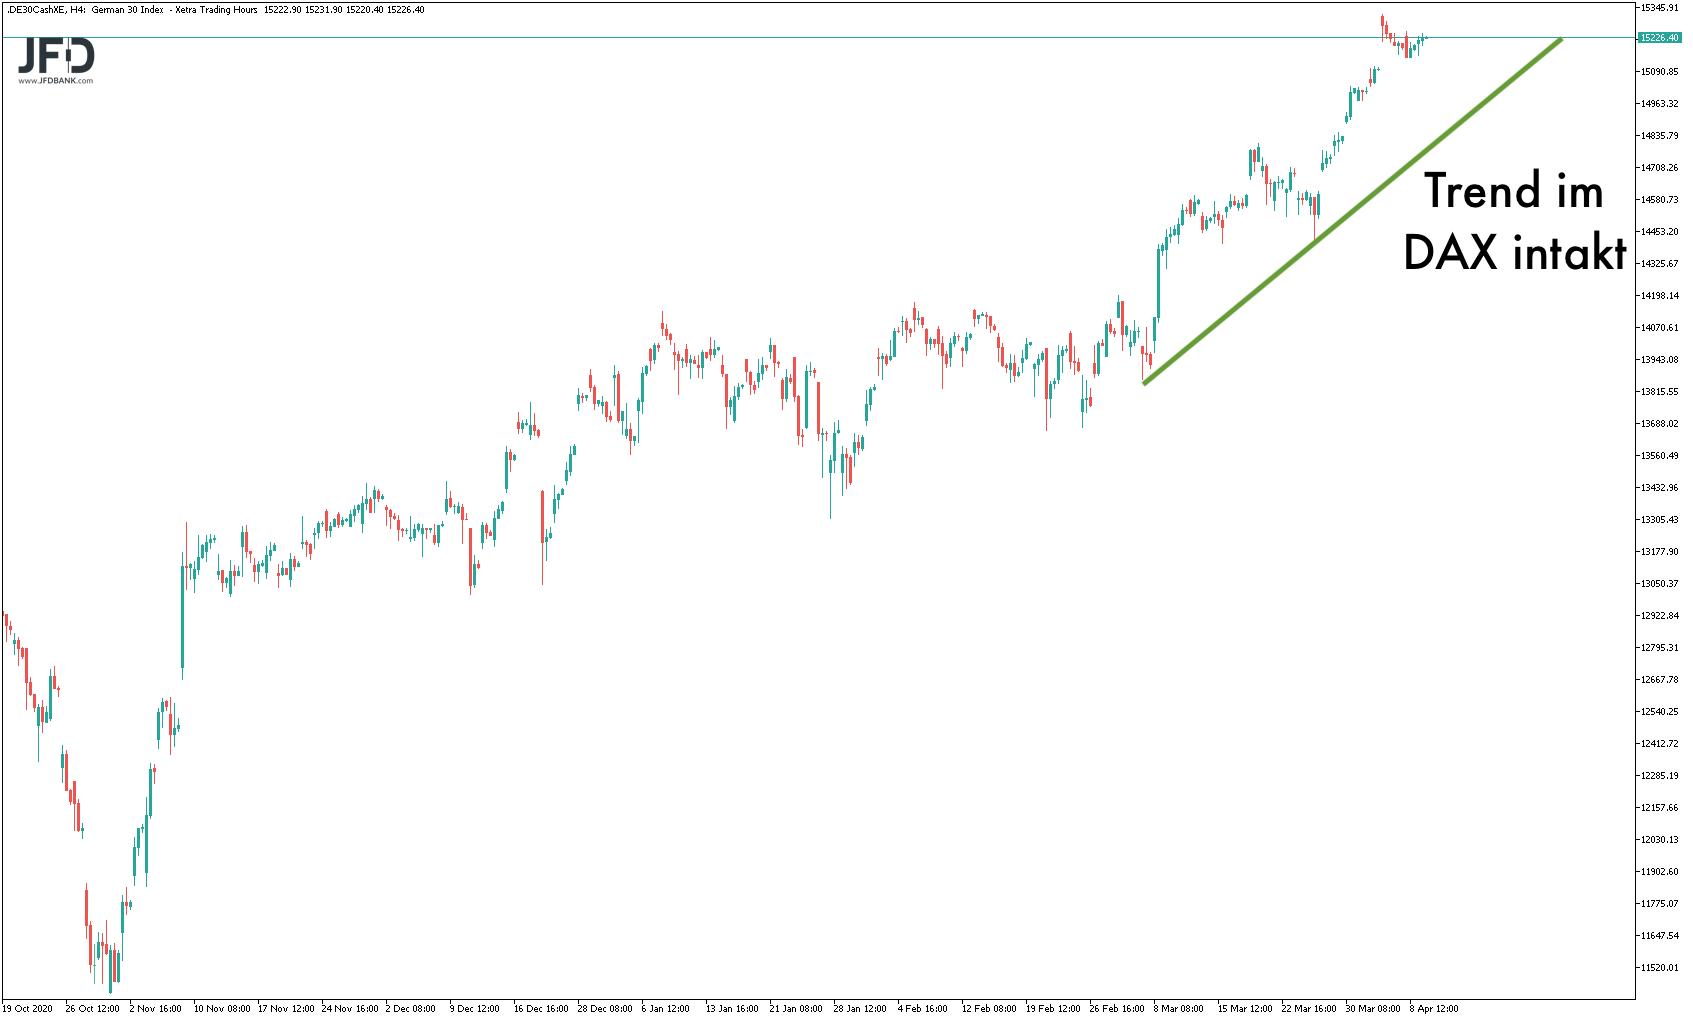 Großer DAX-Trend im Chartbild